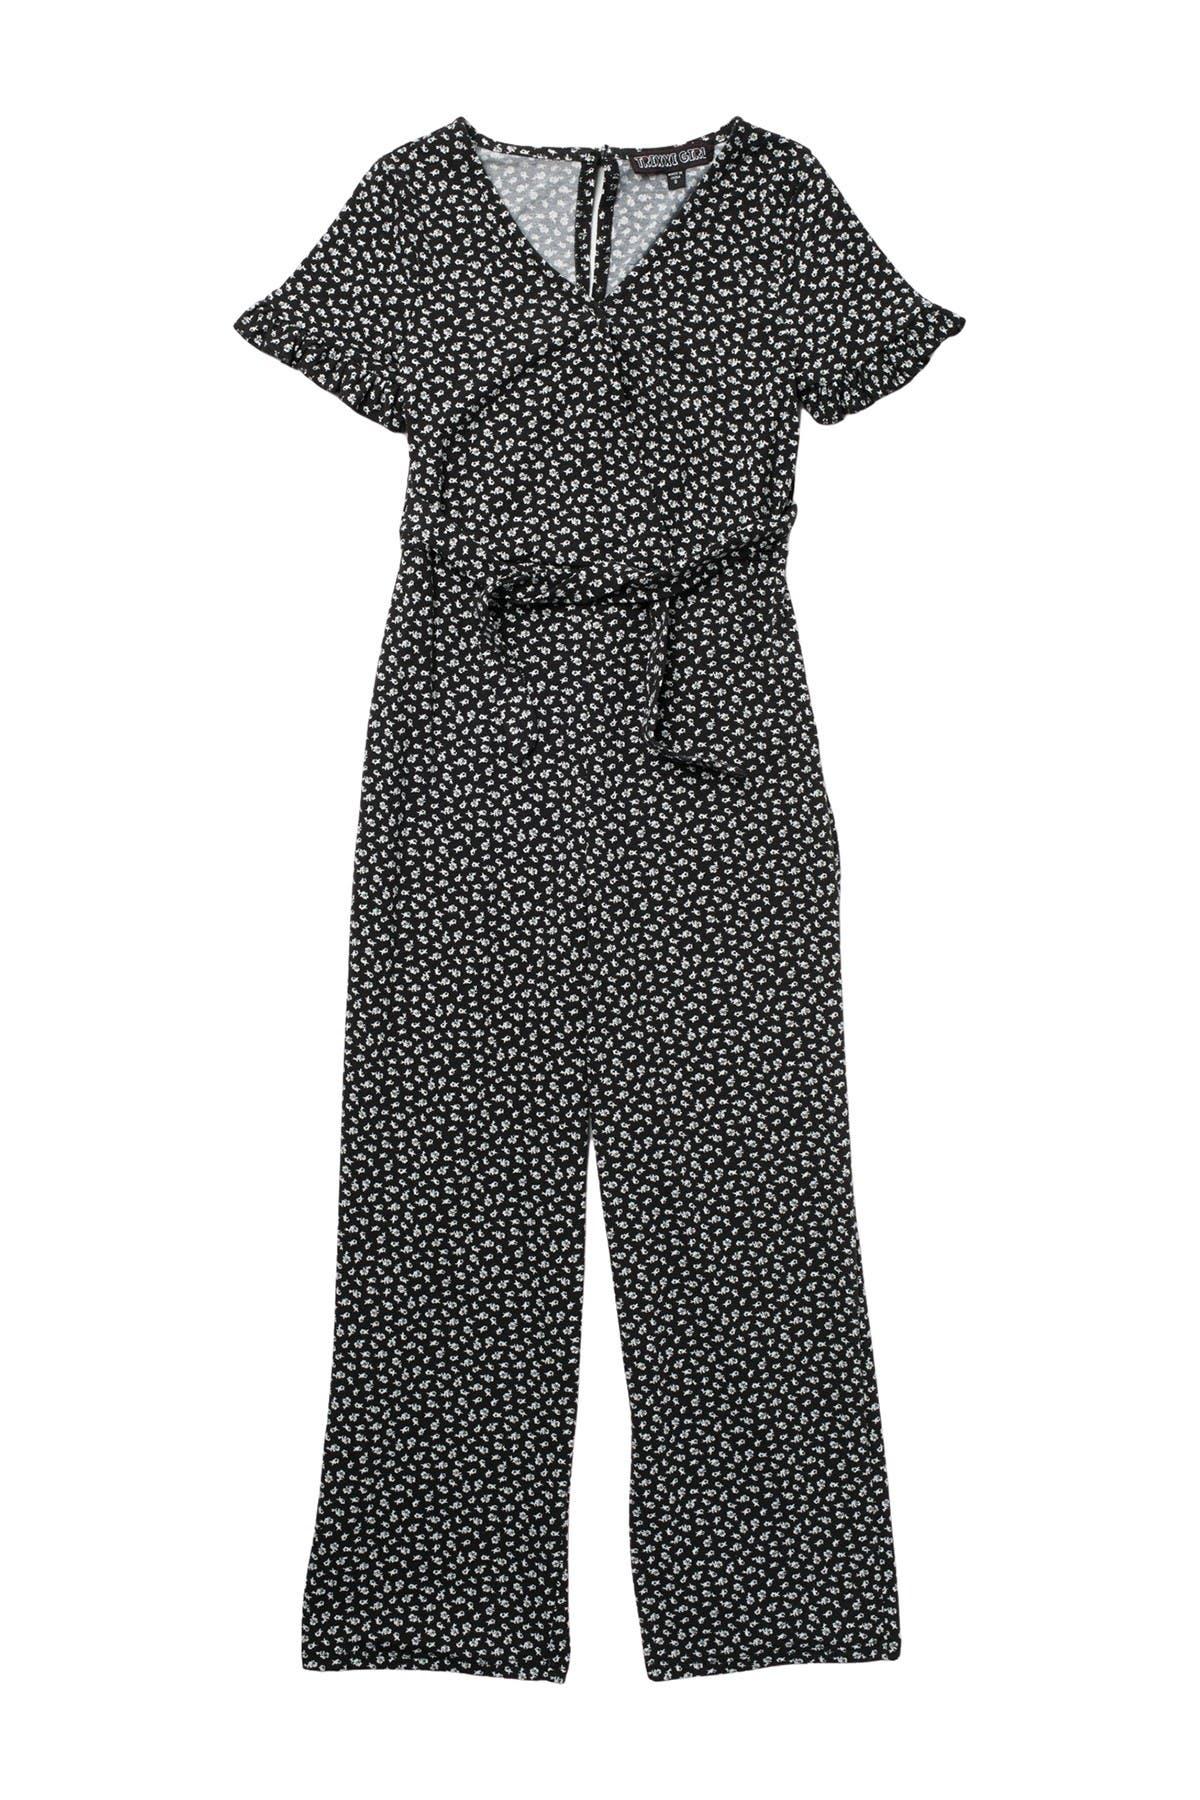 Image of Trixxi Knit Jumpsuit